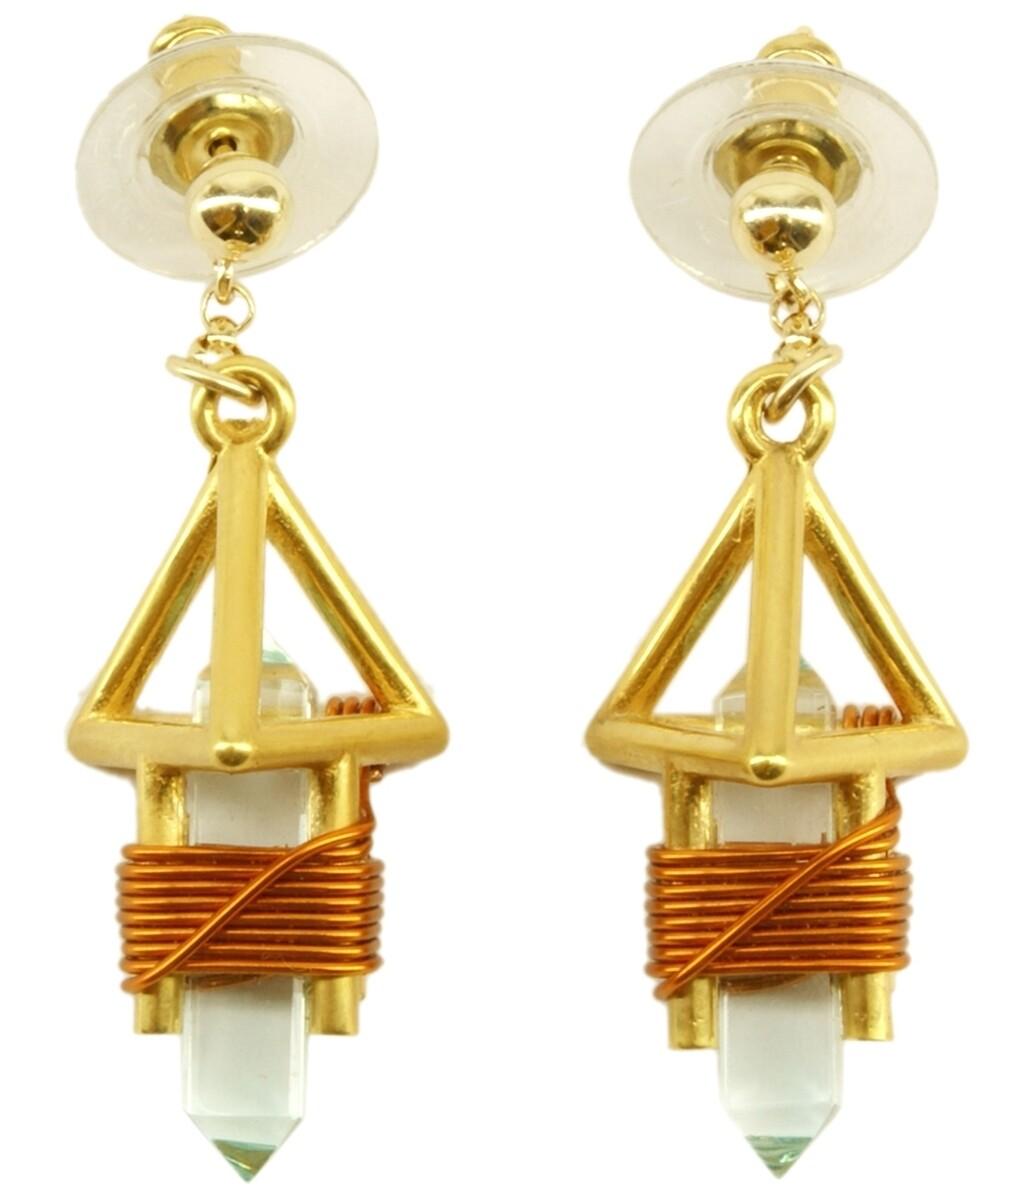 """Buddha Maitreya the Christ 7/8"""" 24k Goldplated Deva Vajra Weaver Earrings - Copper"""